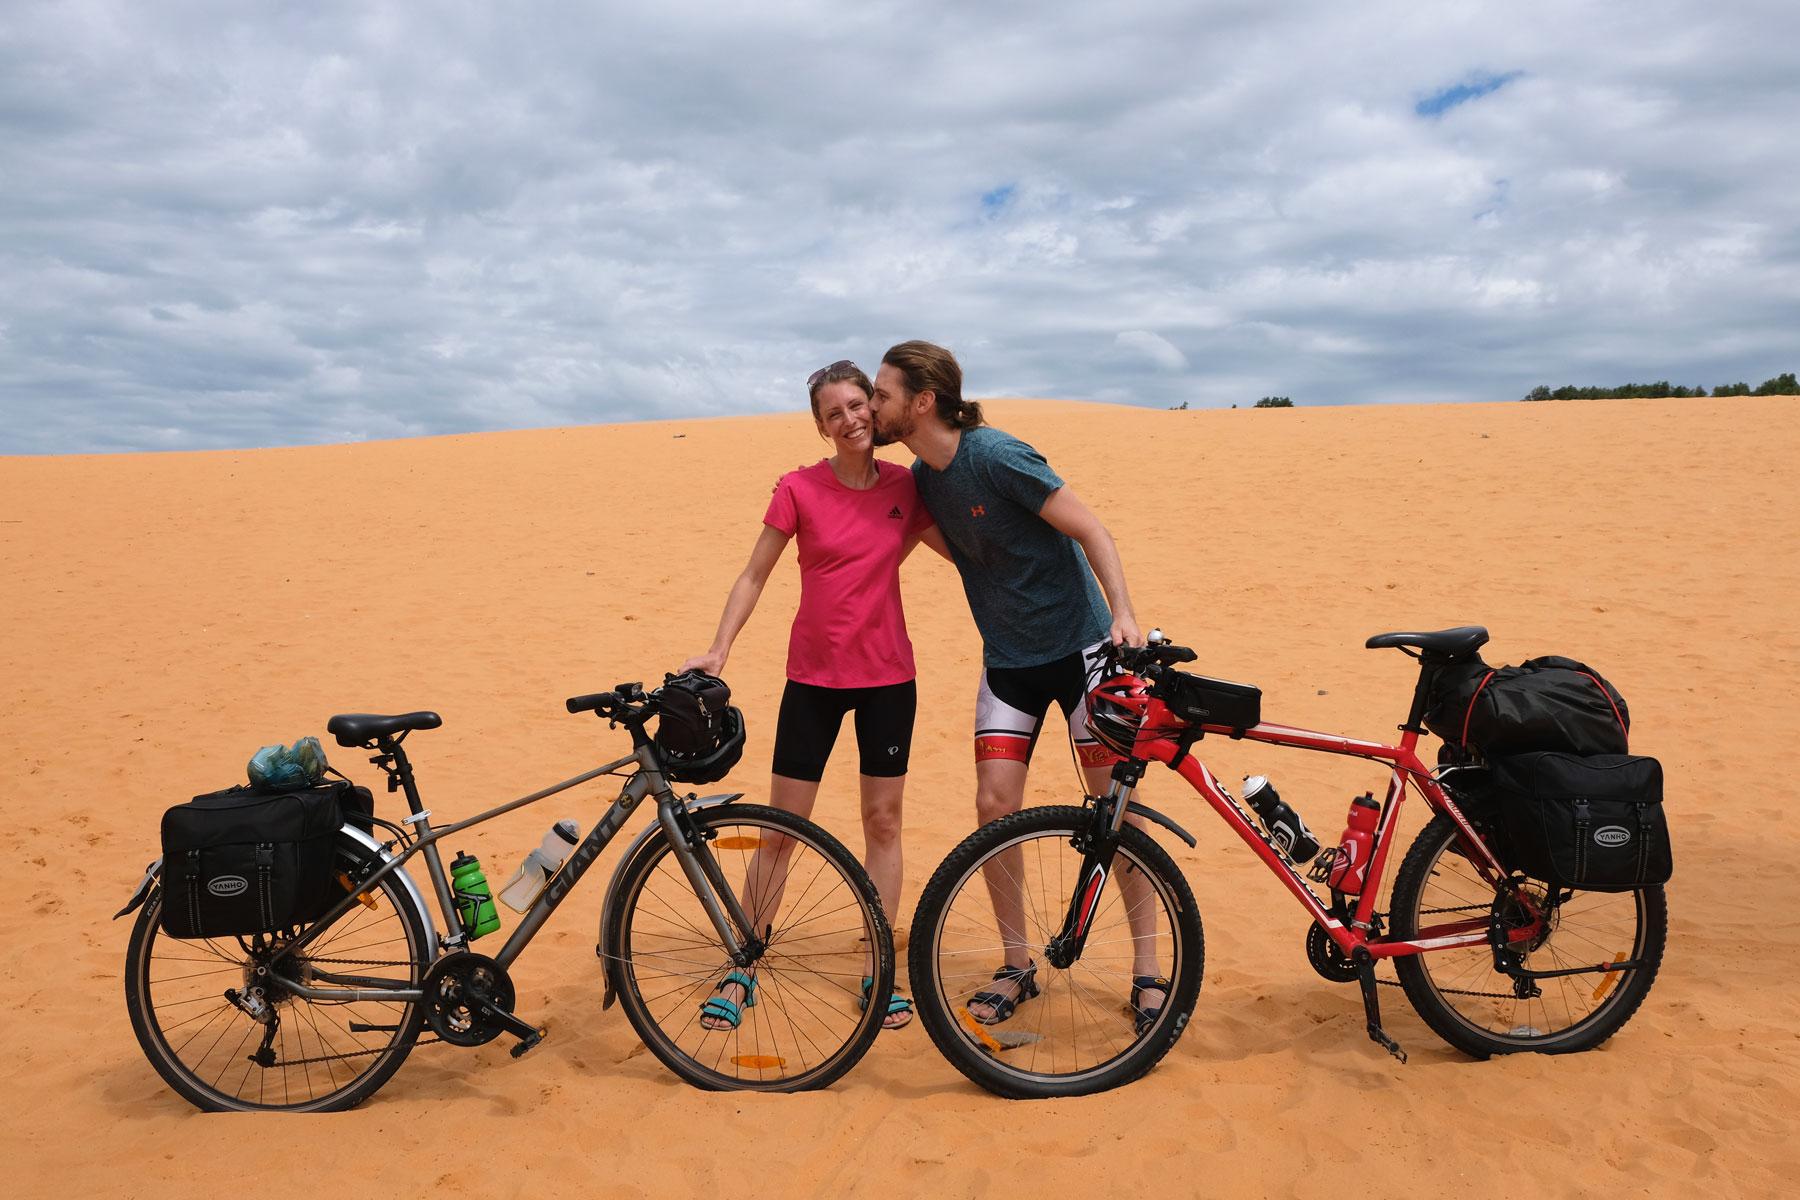 Sebastian und Leo stehen mit ihren Fahrrädern auf einer Sanddüne.